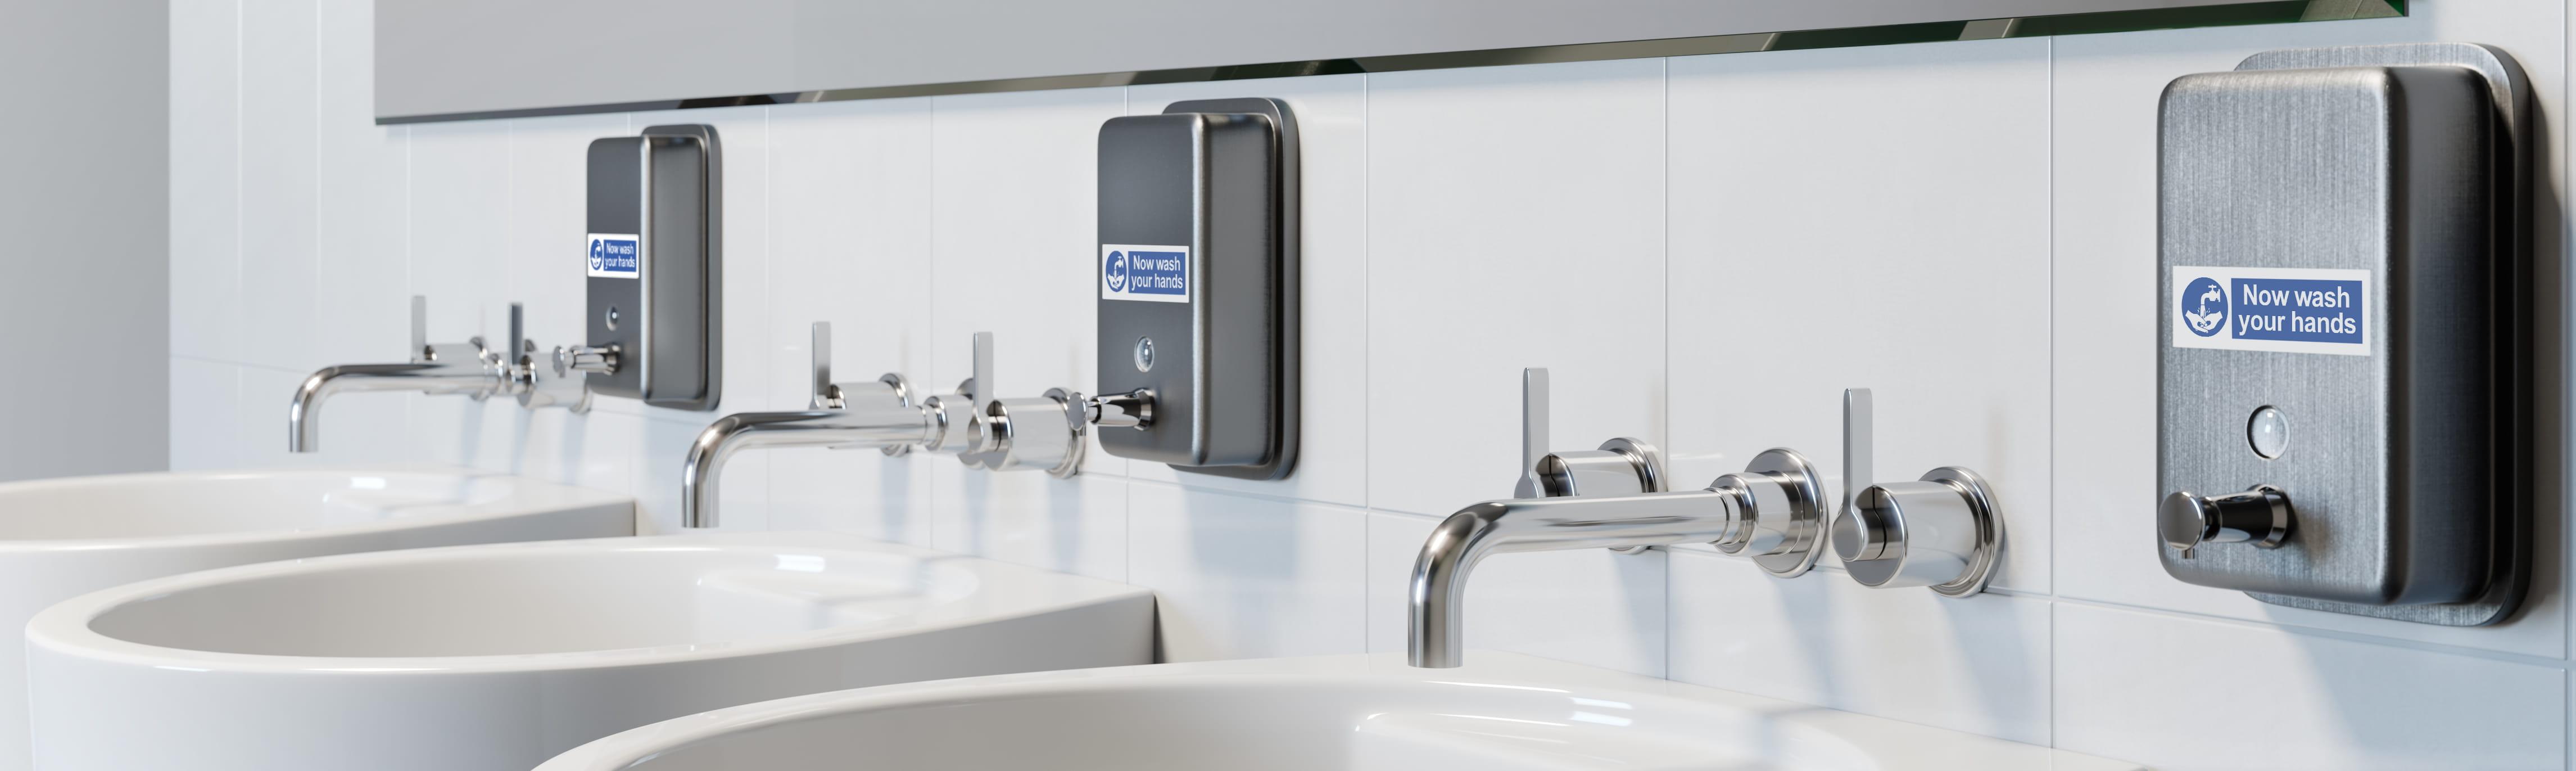 Trois lavabos dans des toilettes partagés avec des étiquettes P-touch Brother collées sur le poussoir à savon